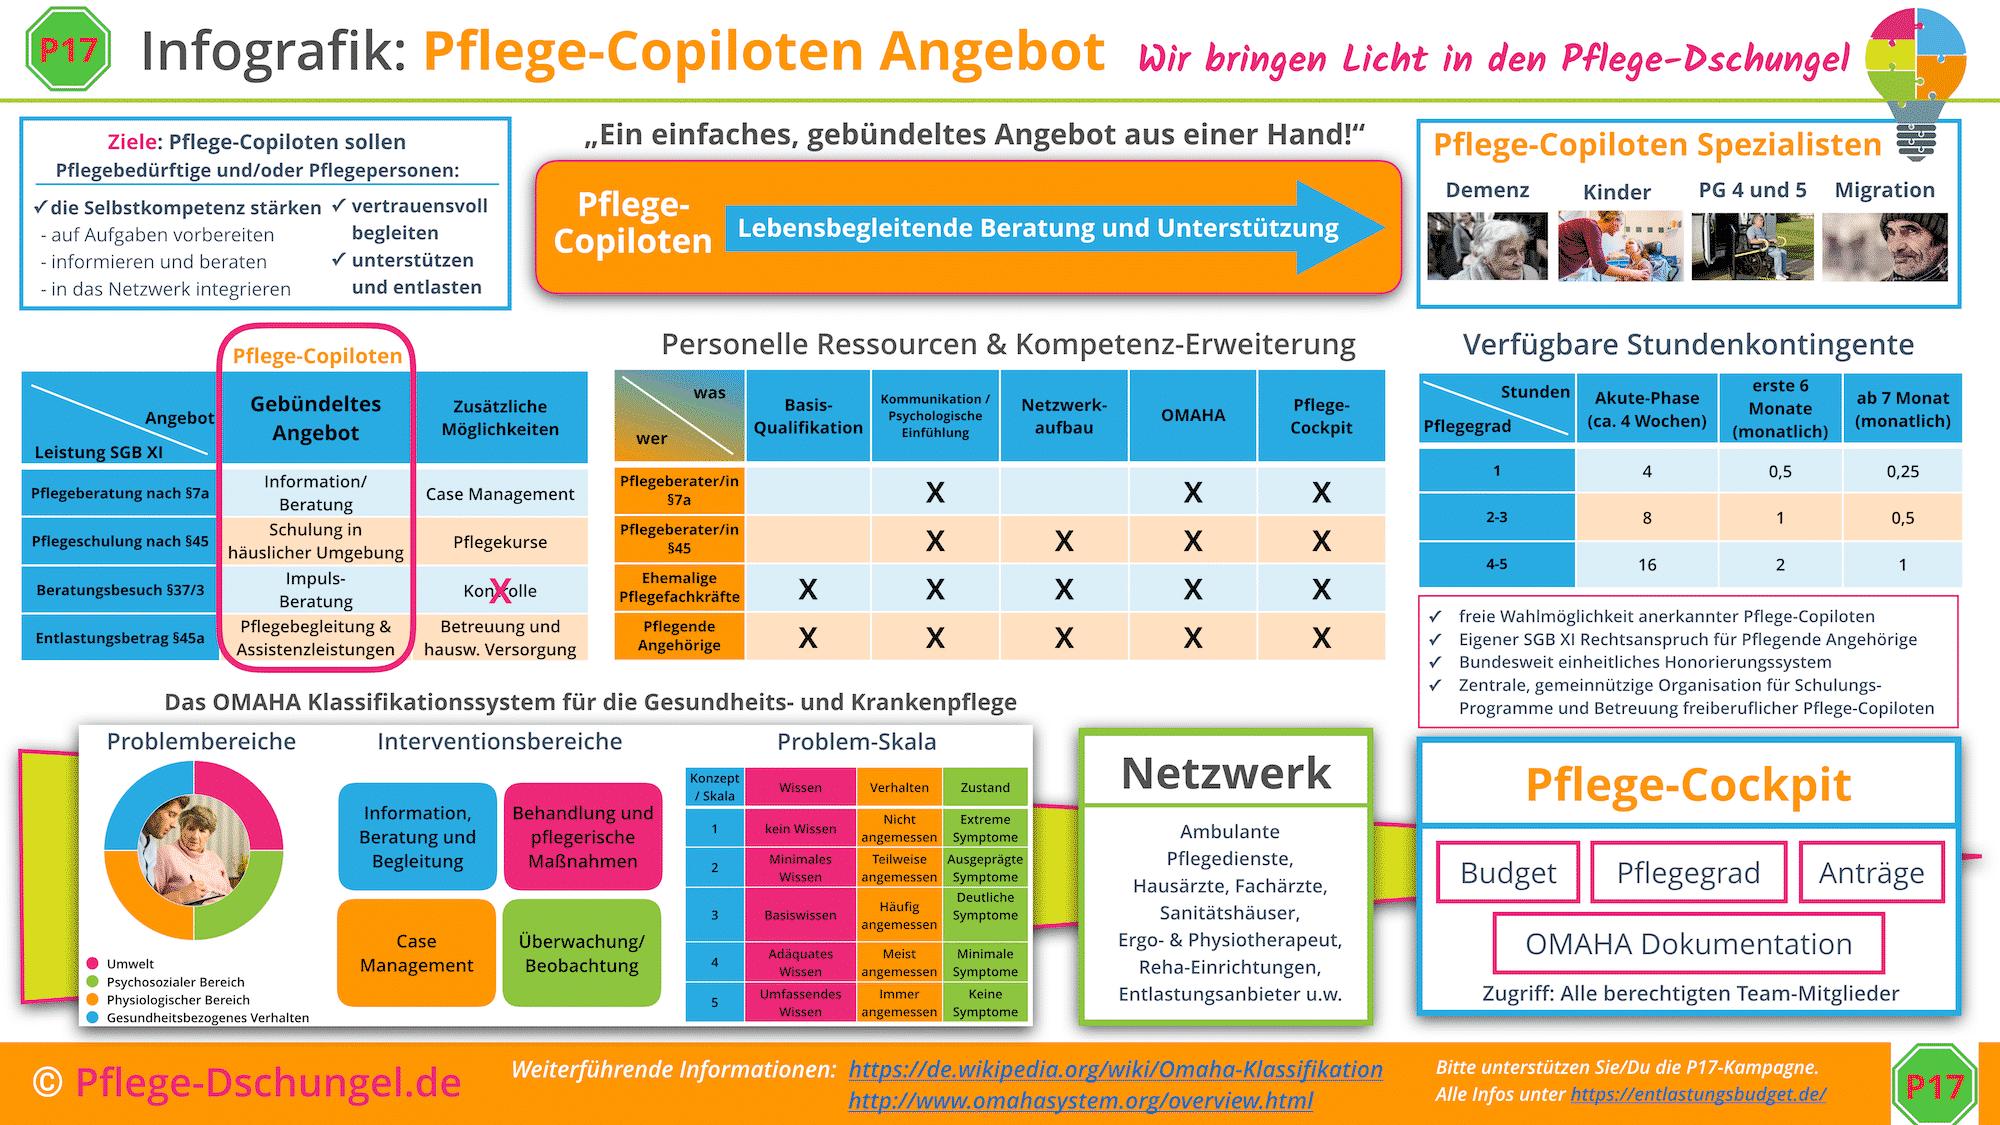 Infografik Pflege-Copilot soll deutschlandweit helfen.